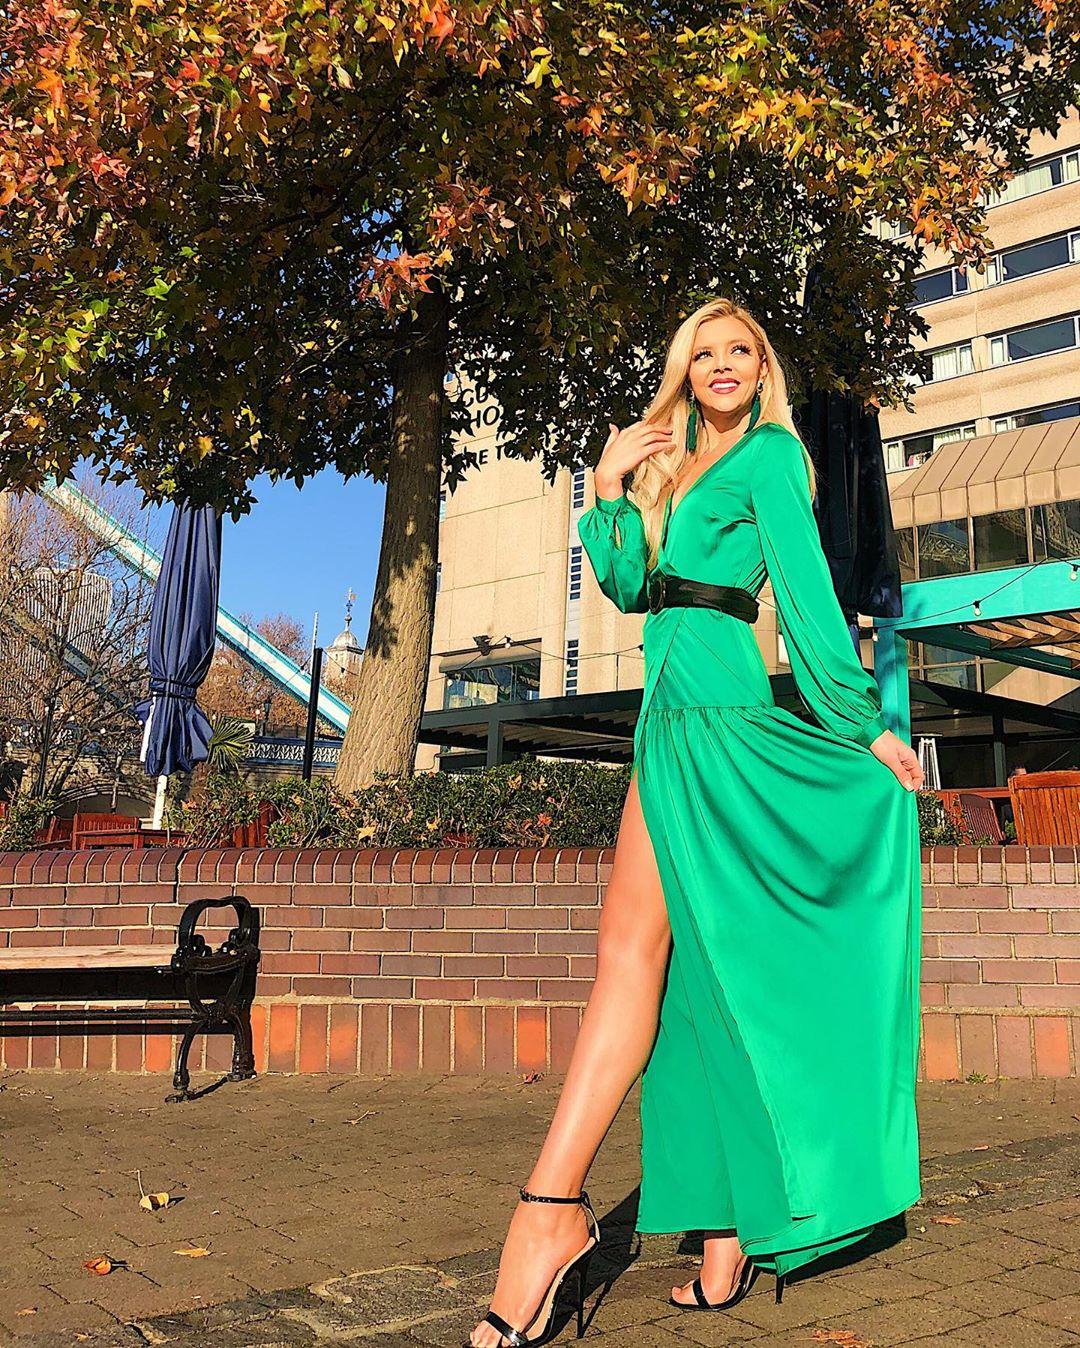 emmy rose cuvelier, top 40 de miss world 2019. - Página 7 77109310